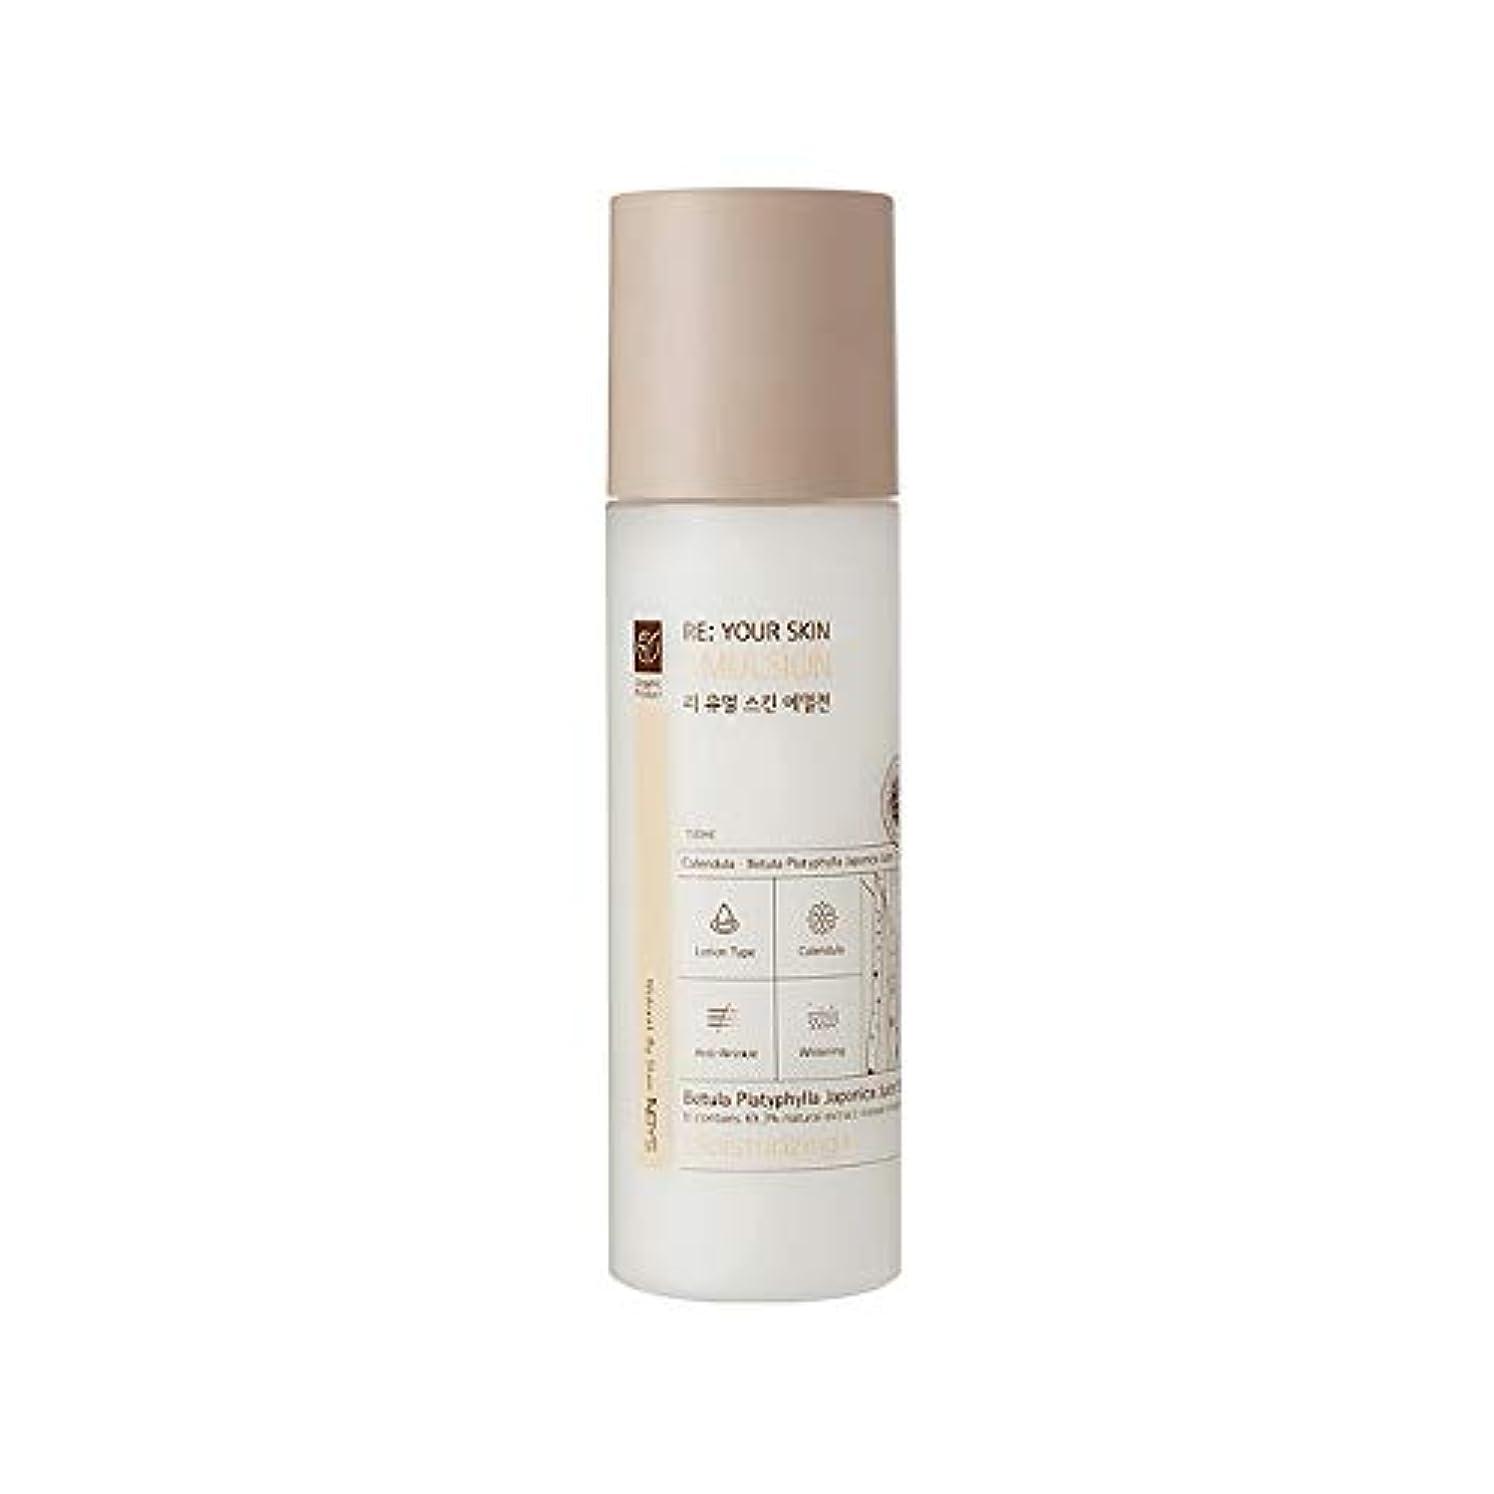 居心地の良い大洪水奨励[NBYS] RE Your Skin Emulsion 美容液 エマルジョン 150ml [並行輸入品]